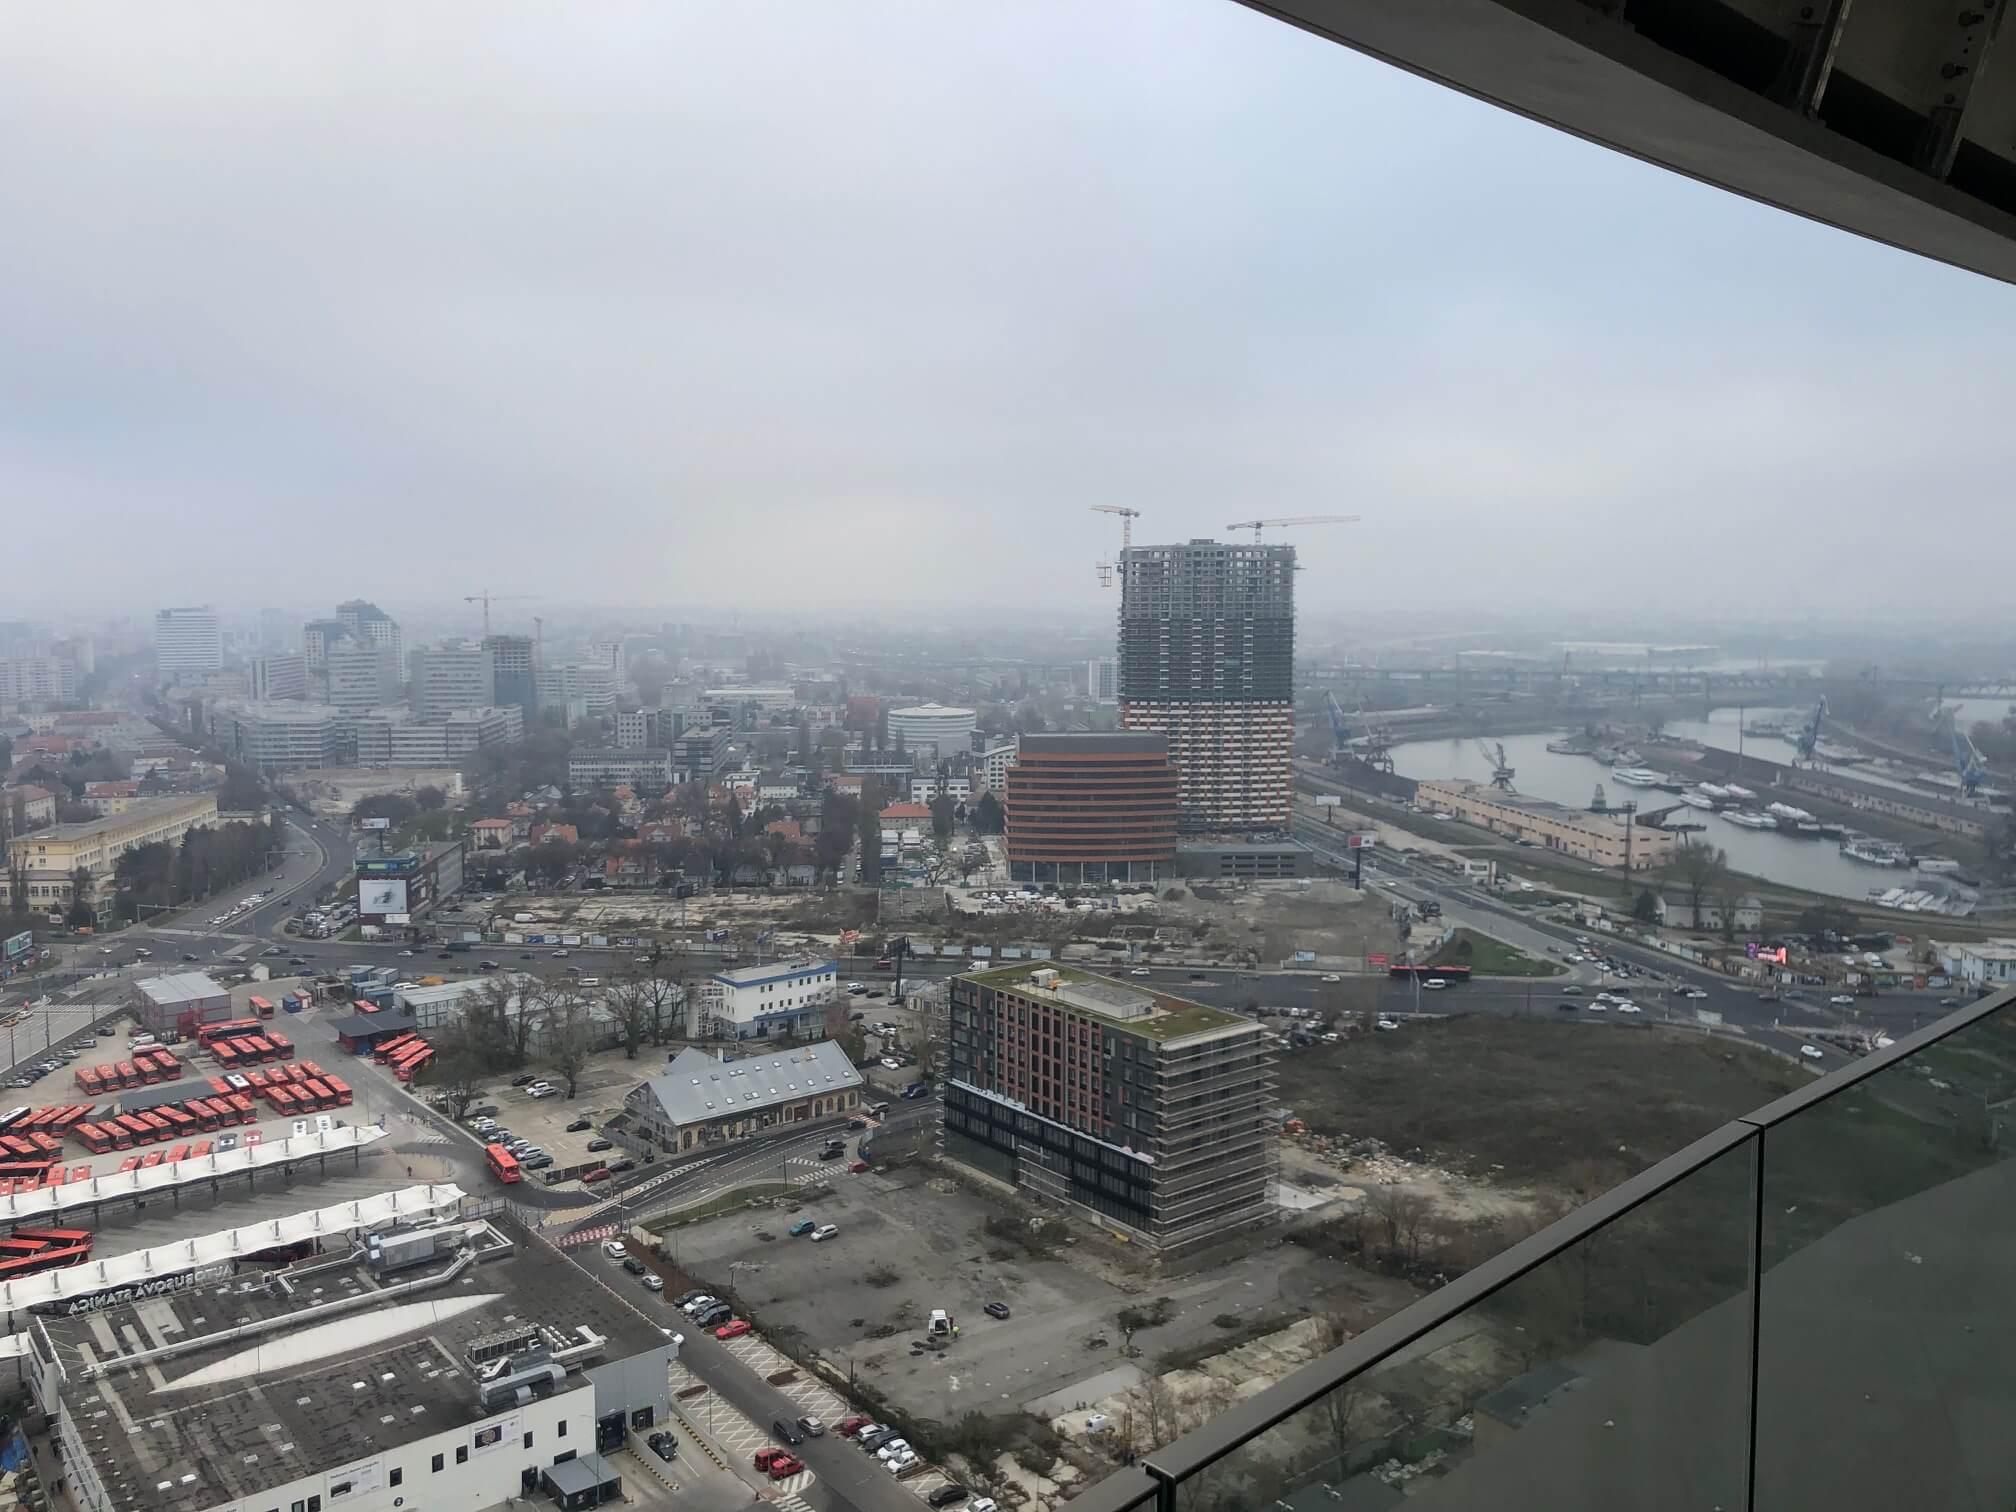 2 izbový byt v Sky parku, I Veža, 6 nadzemné podlažie, úžitková 46,28 m2 ,Loggia 4,75m2, parkovanie-10